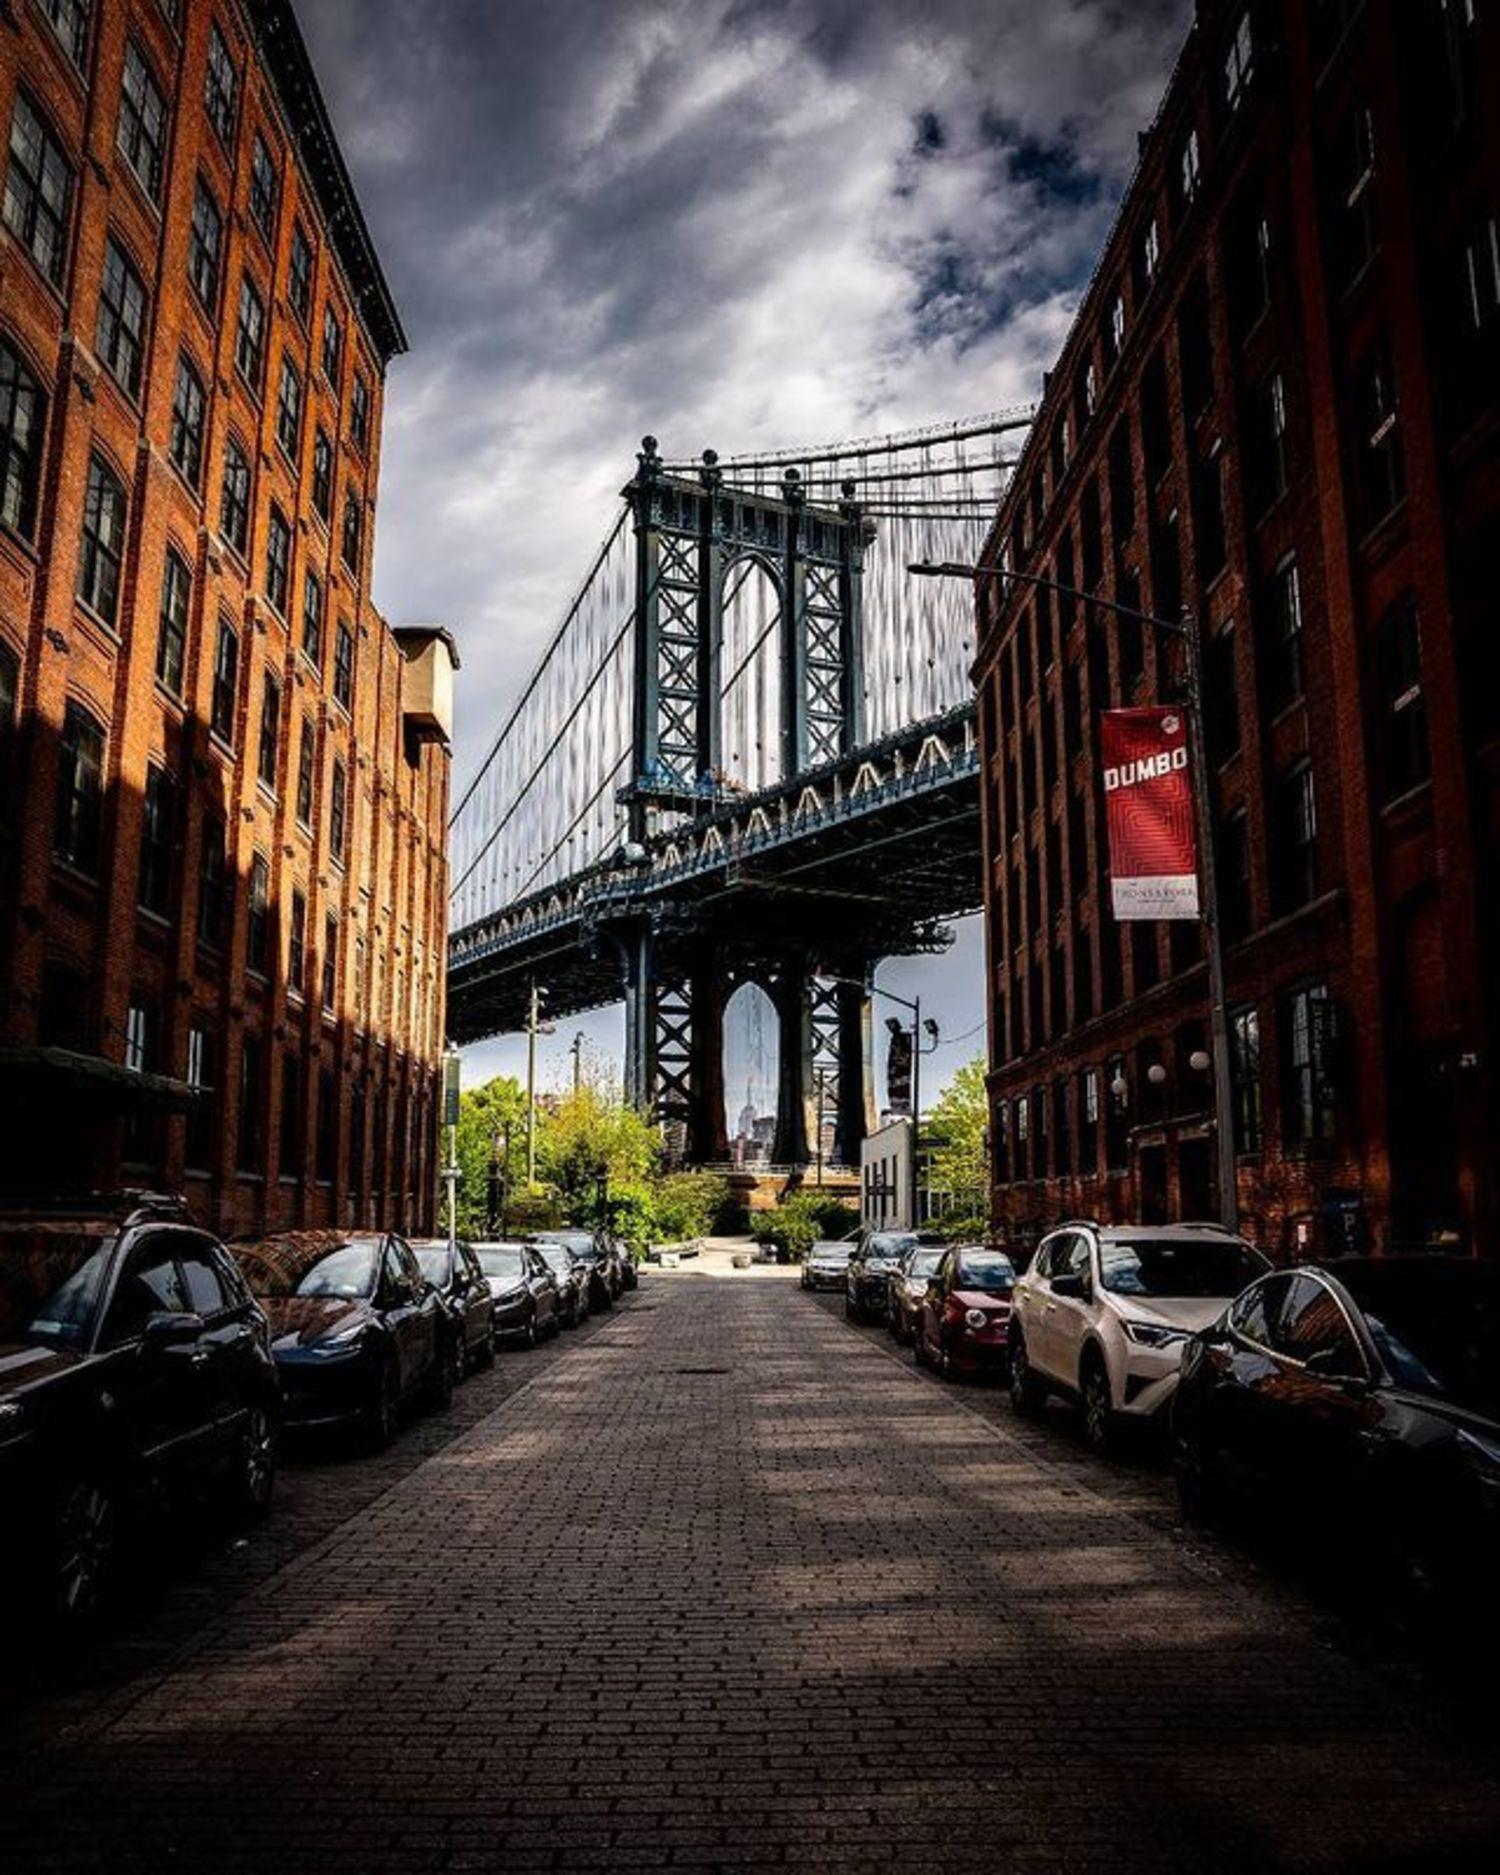 Water Street and Washington Street, DUMBO, Brooklyn